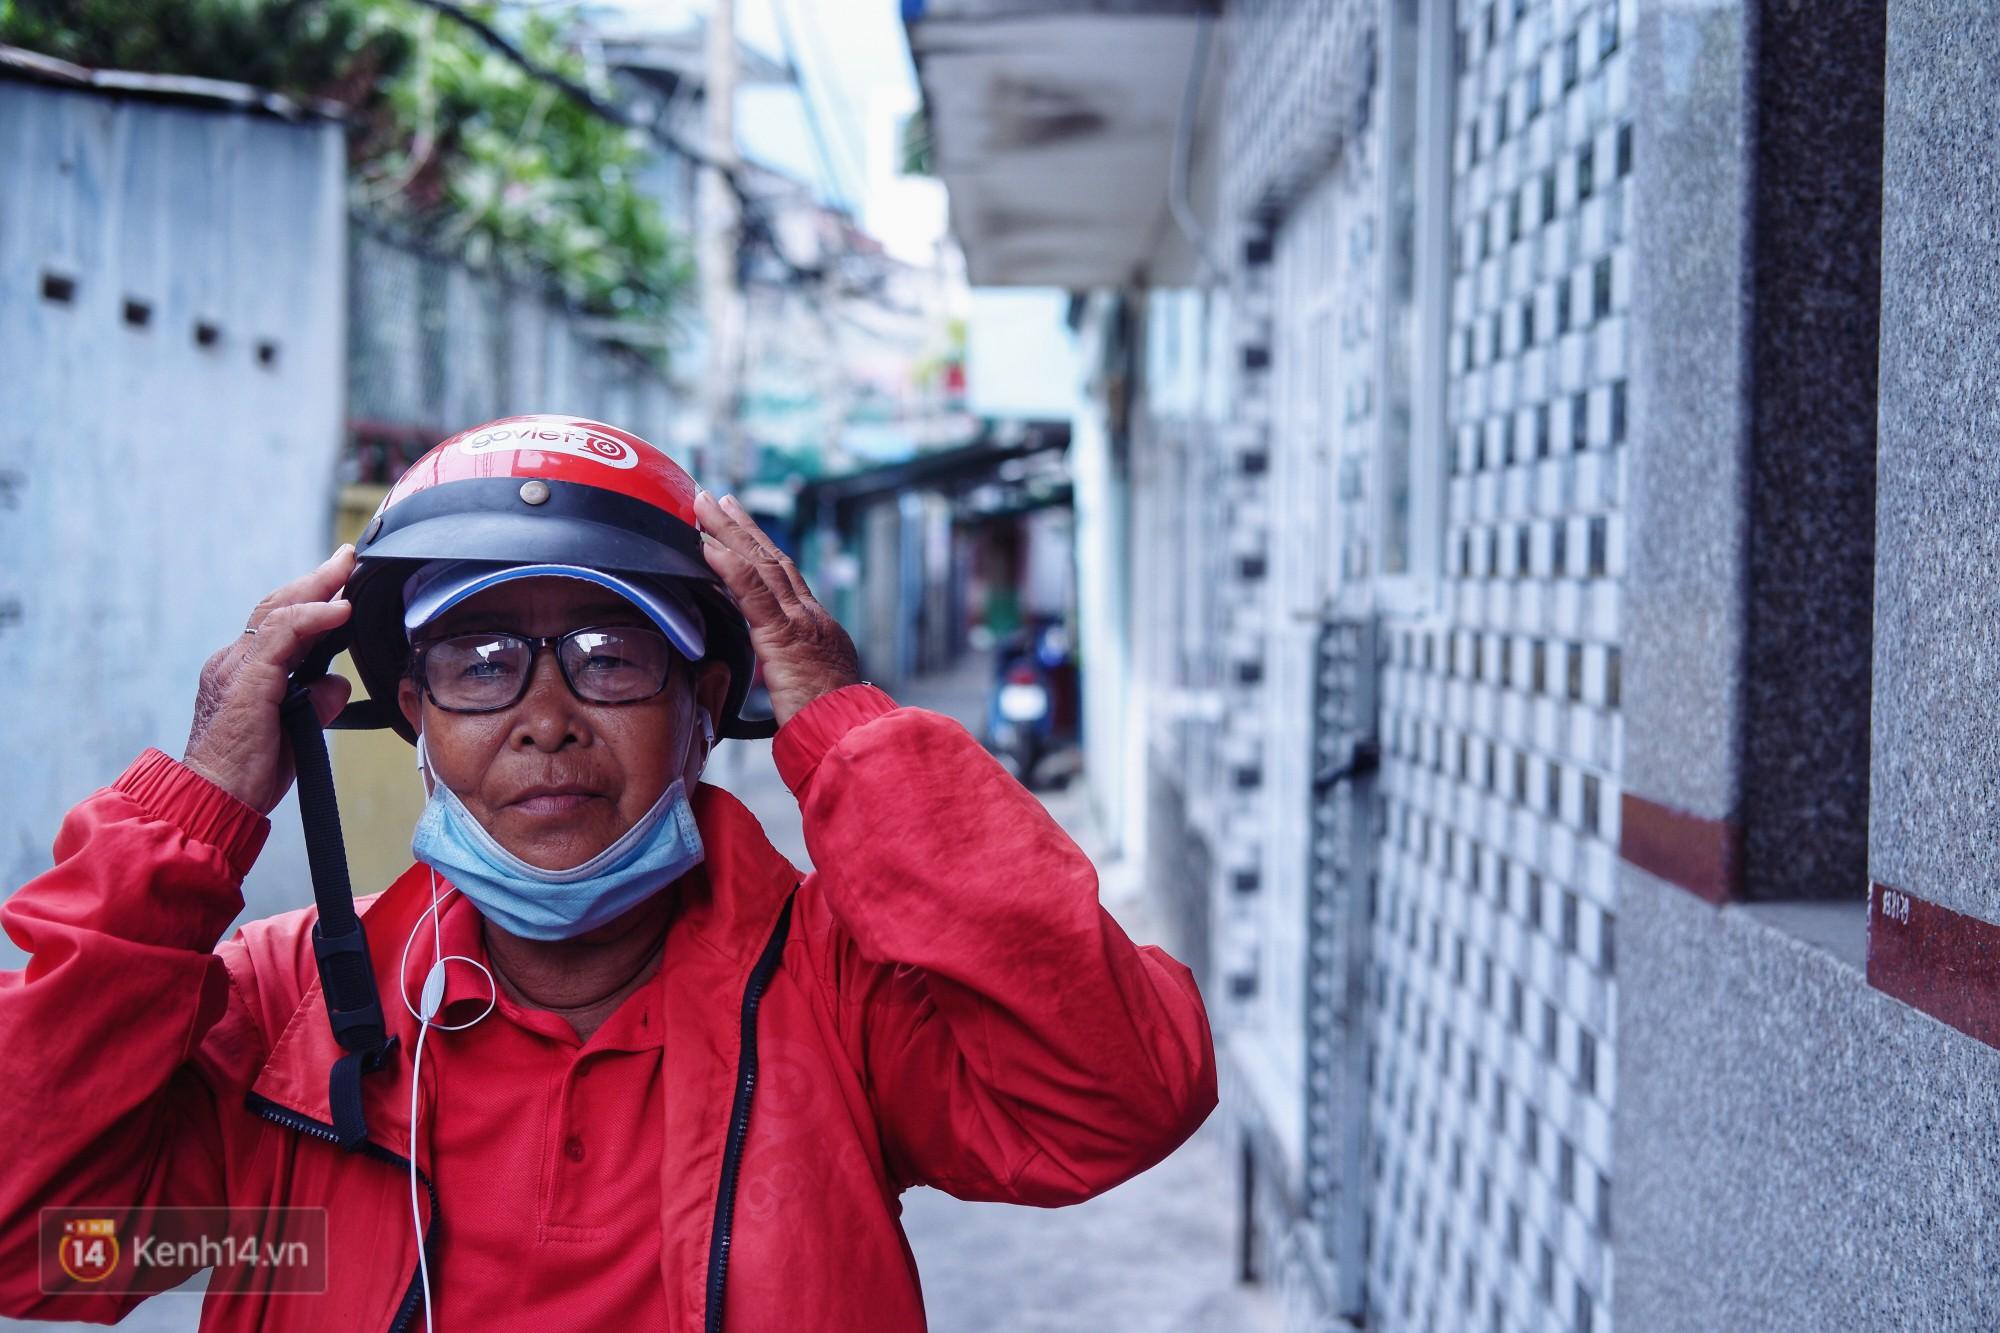 Cụ bà 73 tuổi chạy xe ôm công nghệ để nuôi cháu ở Sài Gòn: Nhiều khi buồn tủi lắm, dính mưa là về bệnh nằm luôn... - Ảnh 1.